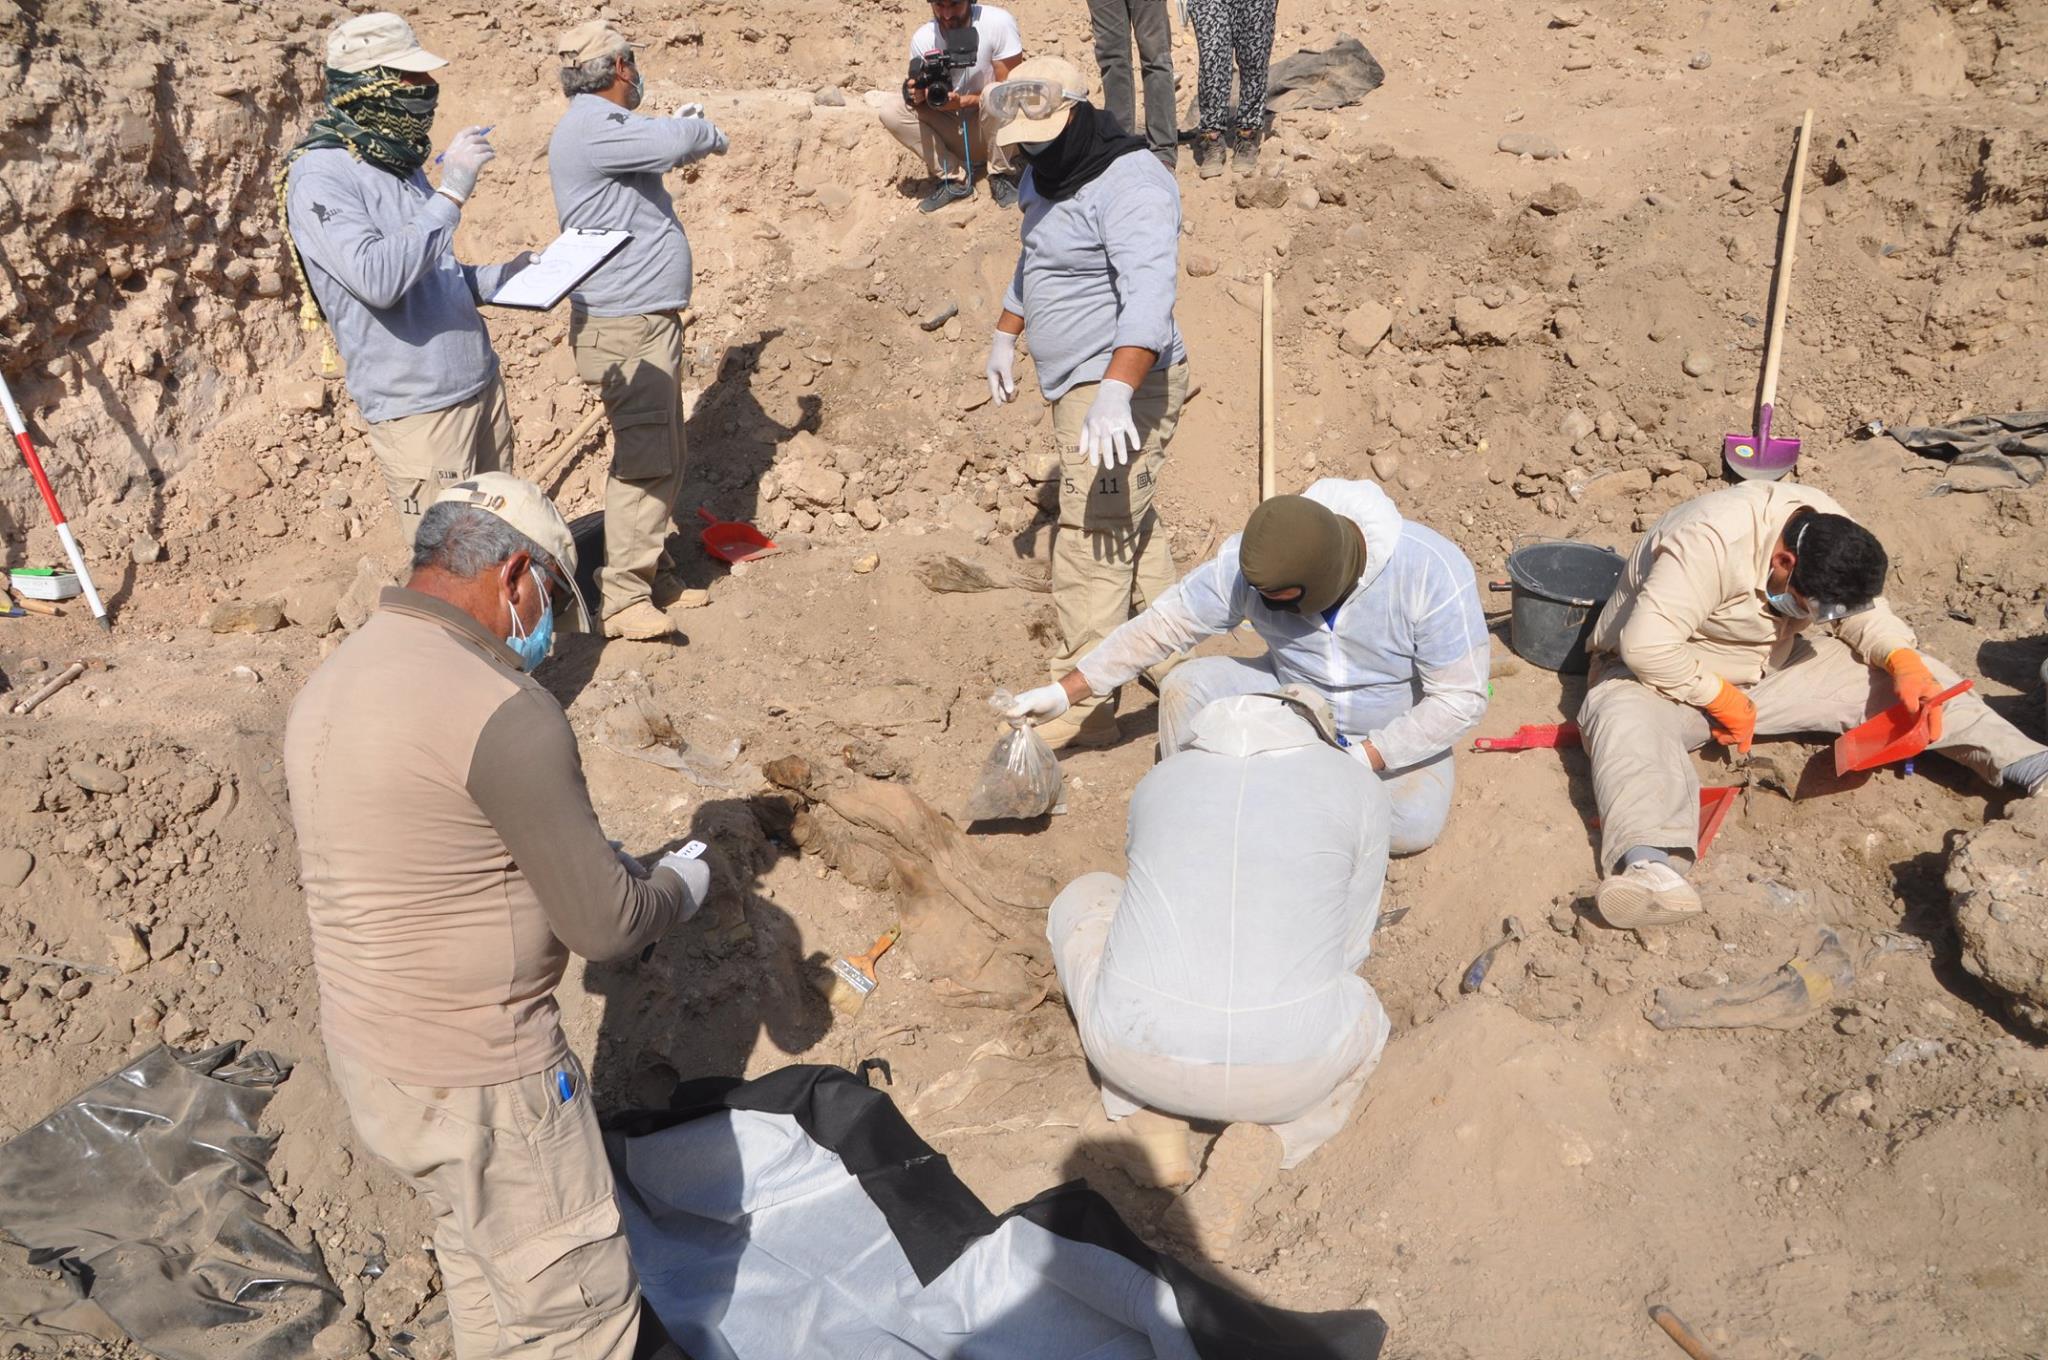 العثور على مقبرة جديدة لضحايا مجزرة سبايكر